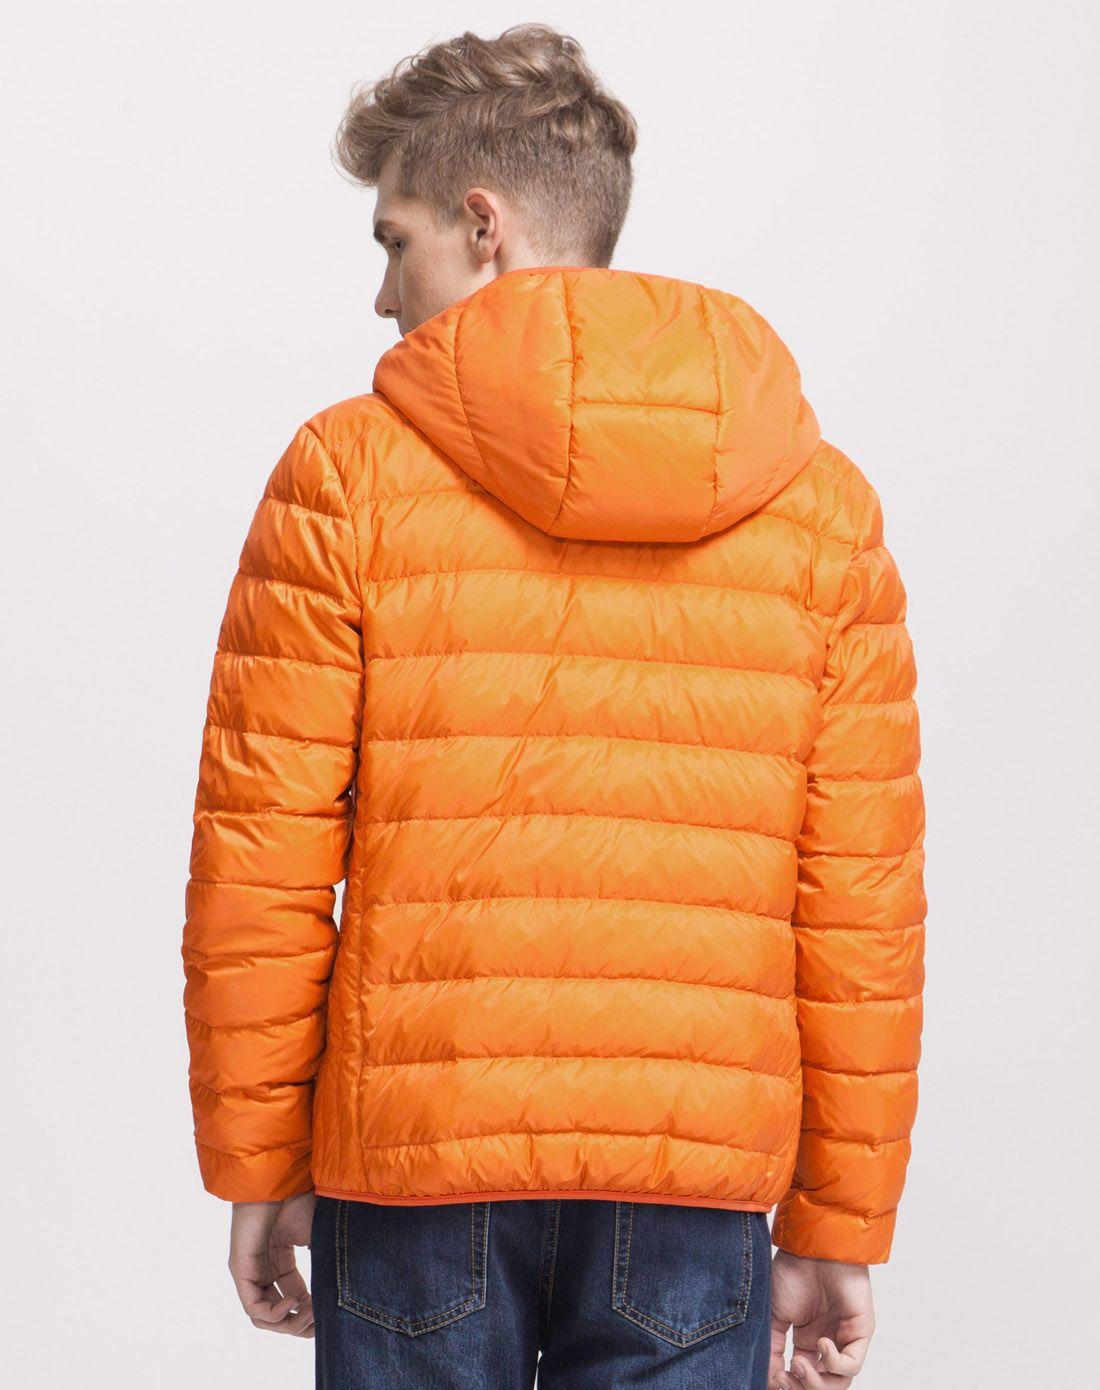 男装橙色修身型轻薄羽绒服